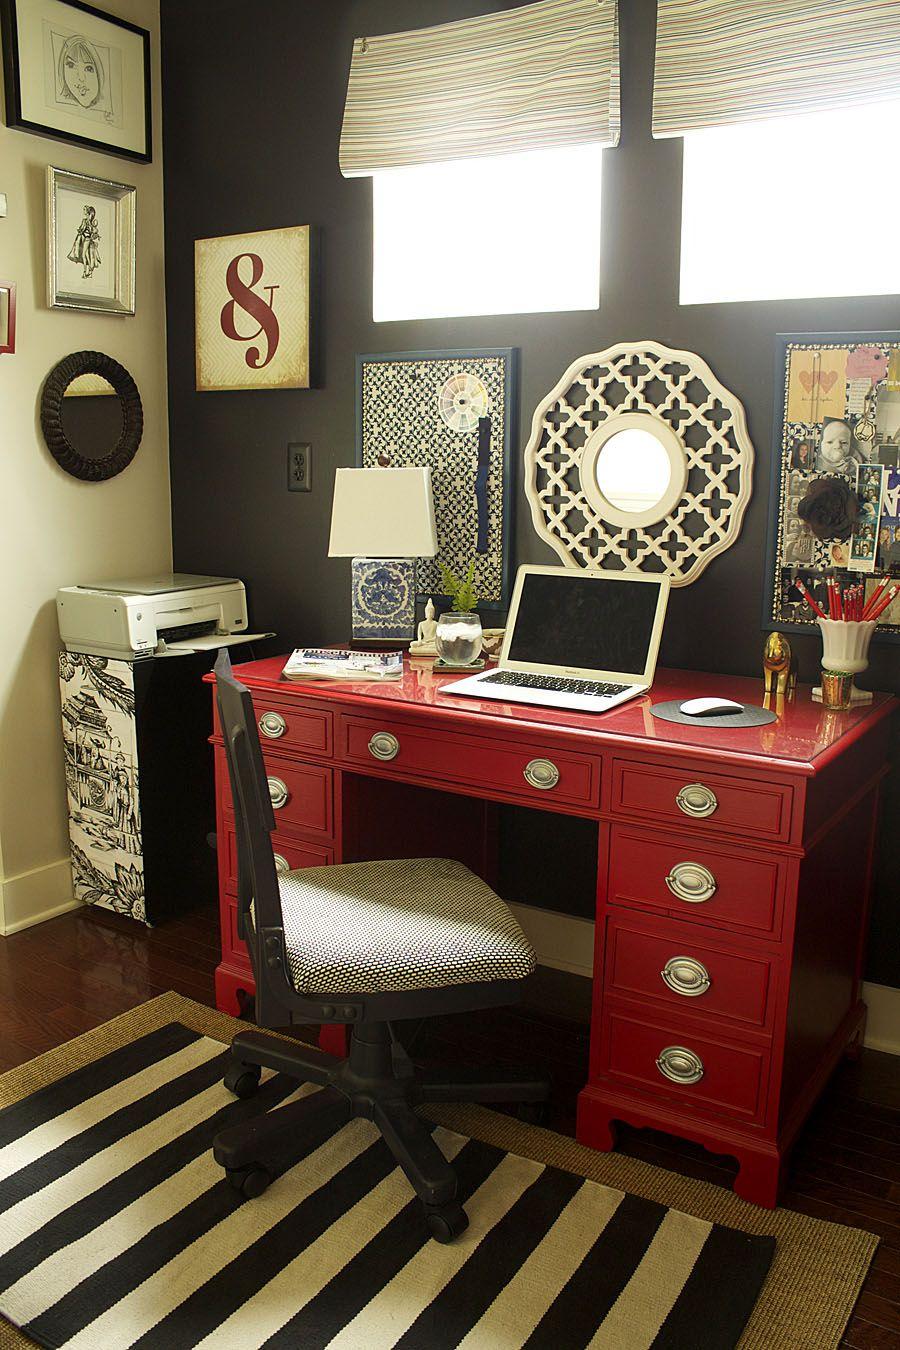 Meja Kerja dengan Warna Terang